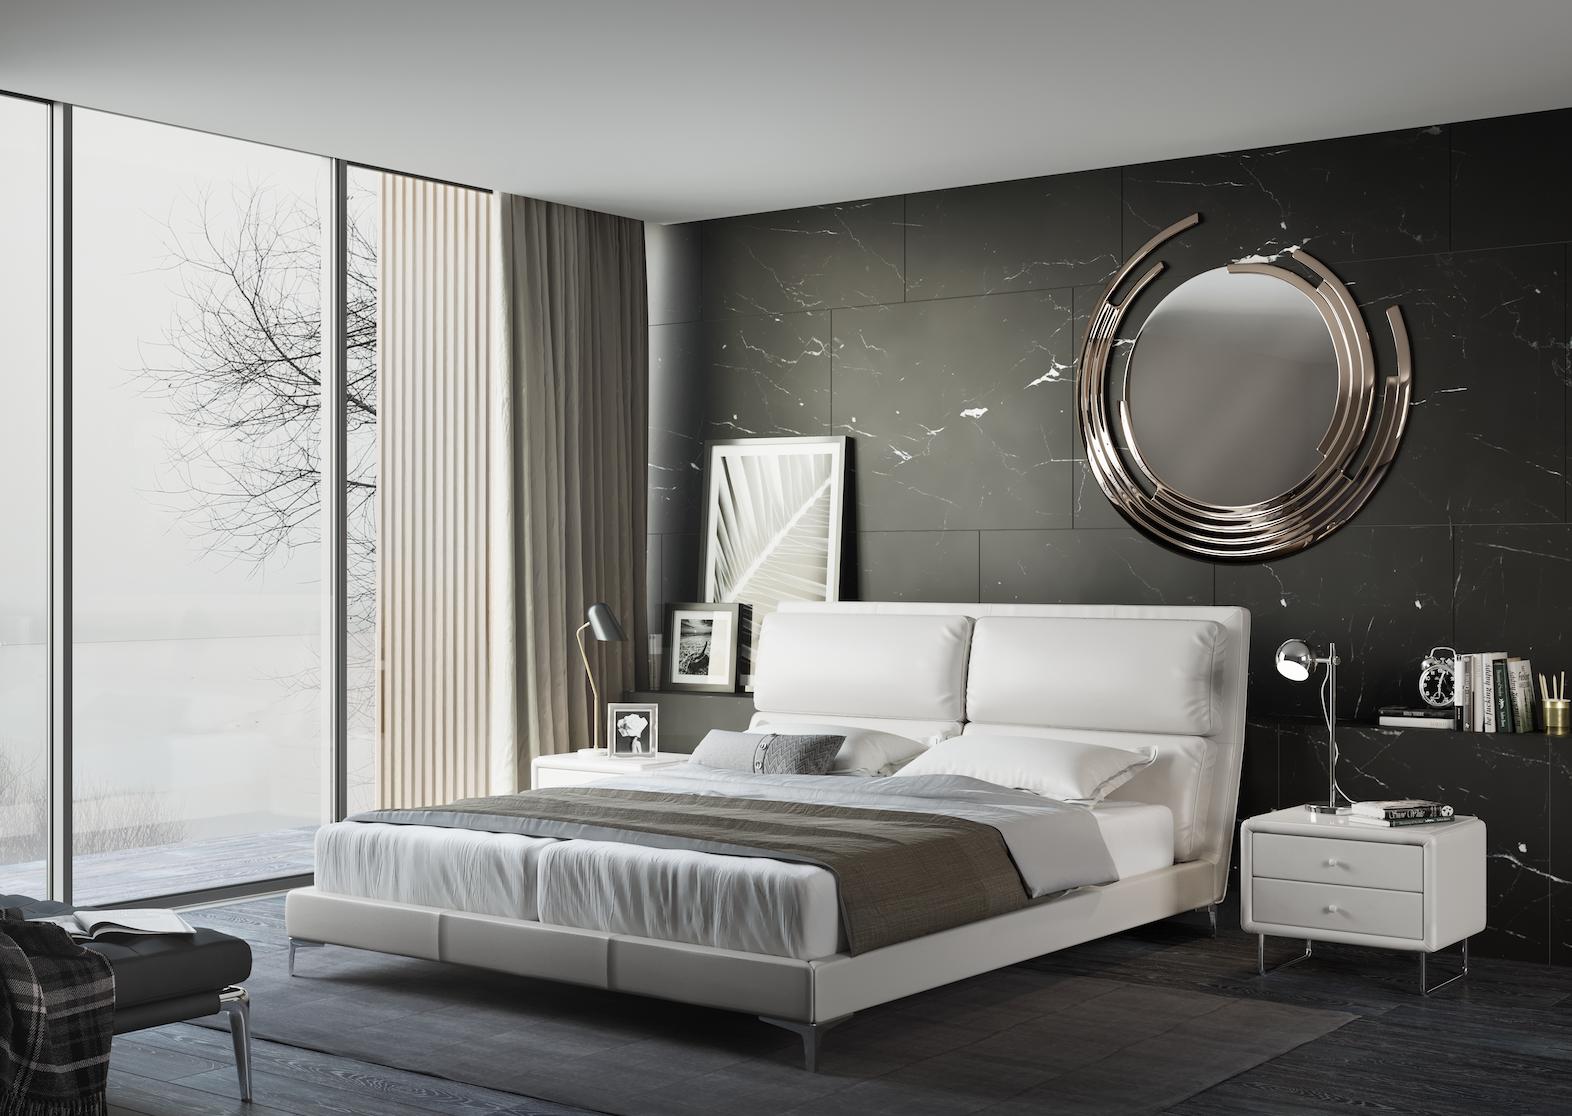 הטבה ברכישת מיטות, מזרונים, פתרונות אירוח, כורסאות וסלונים, כריות וכלי מיטה